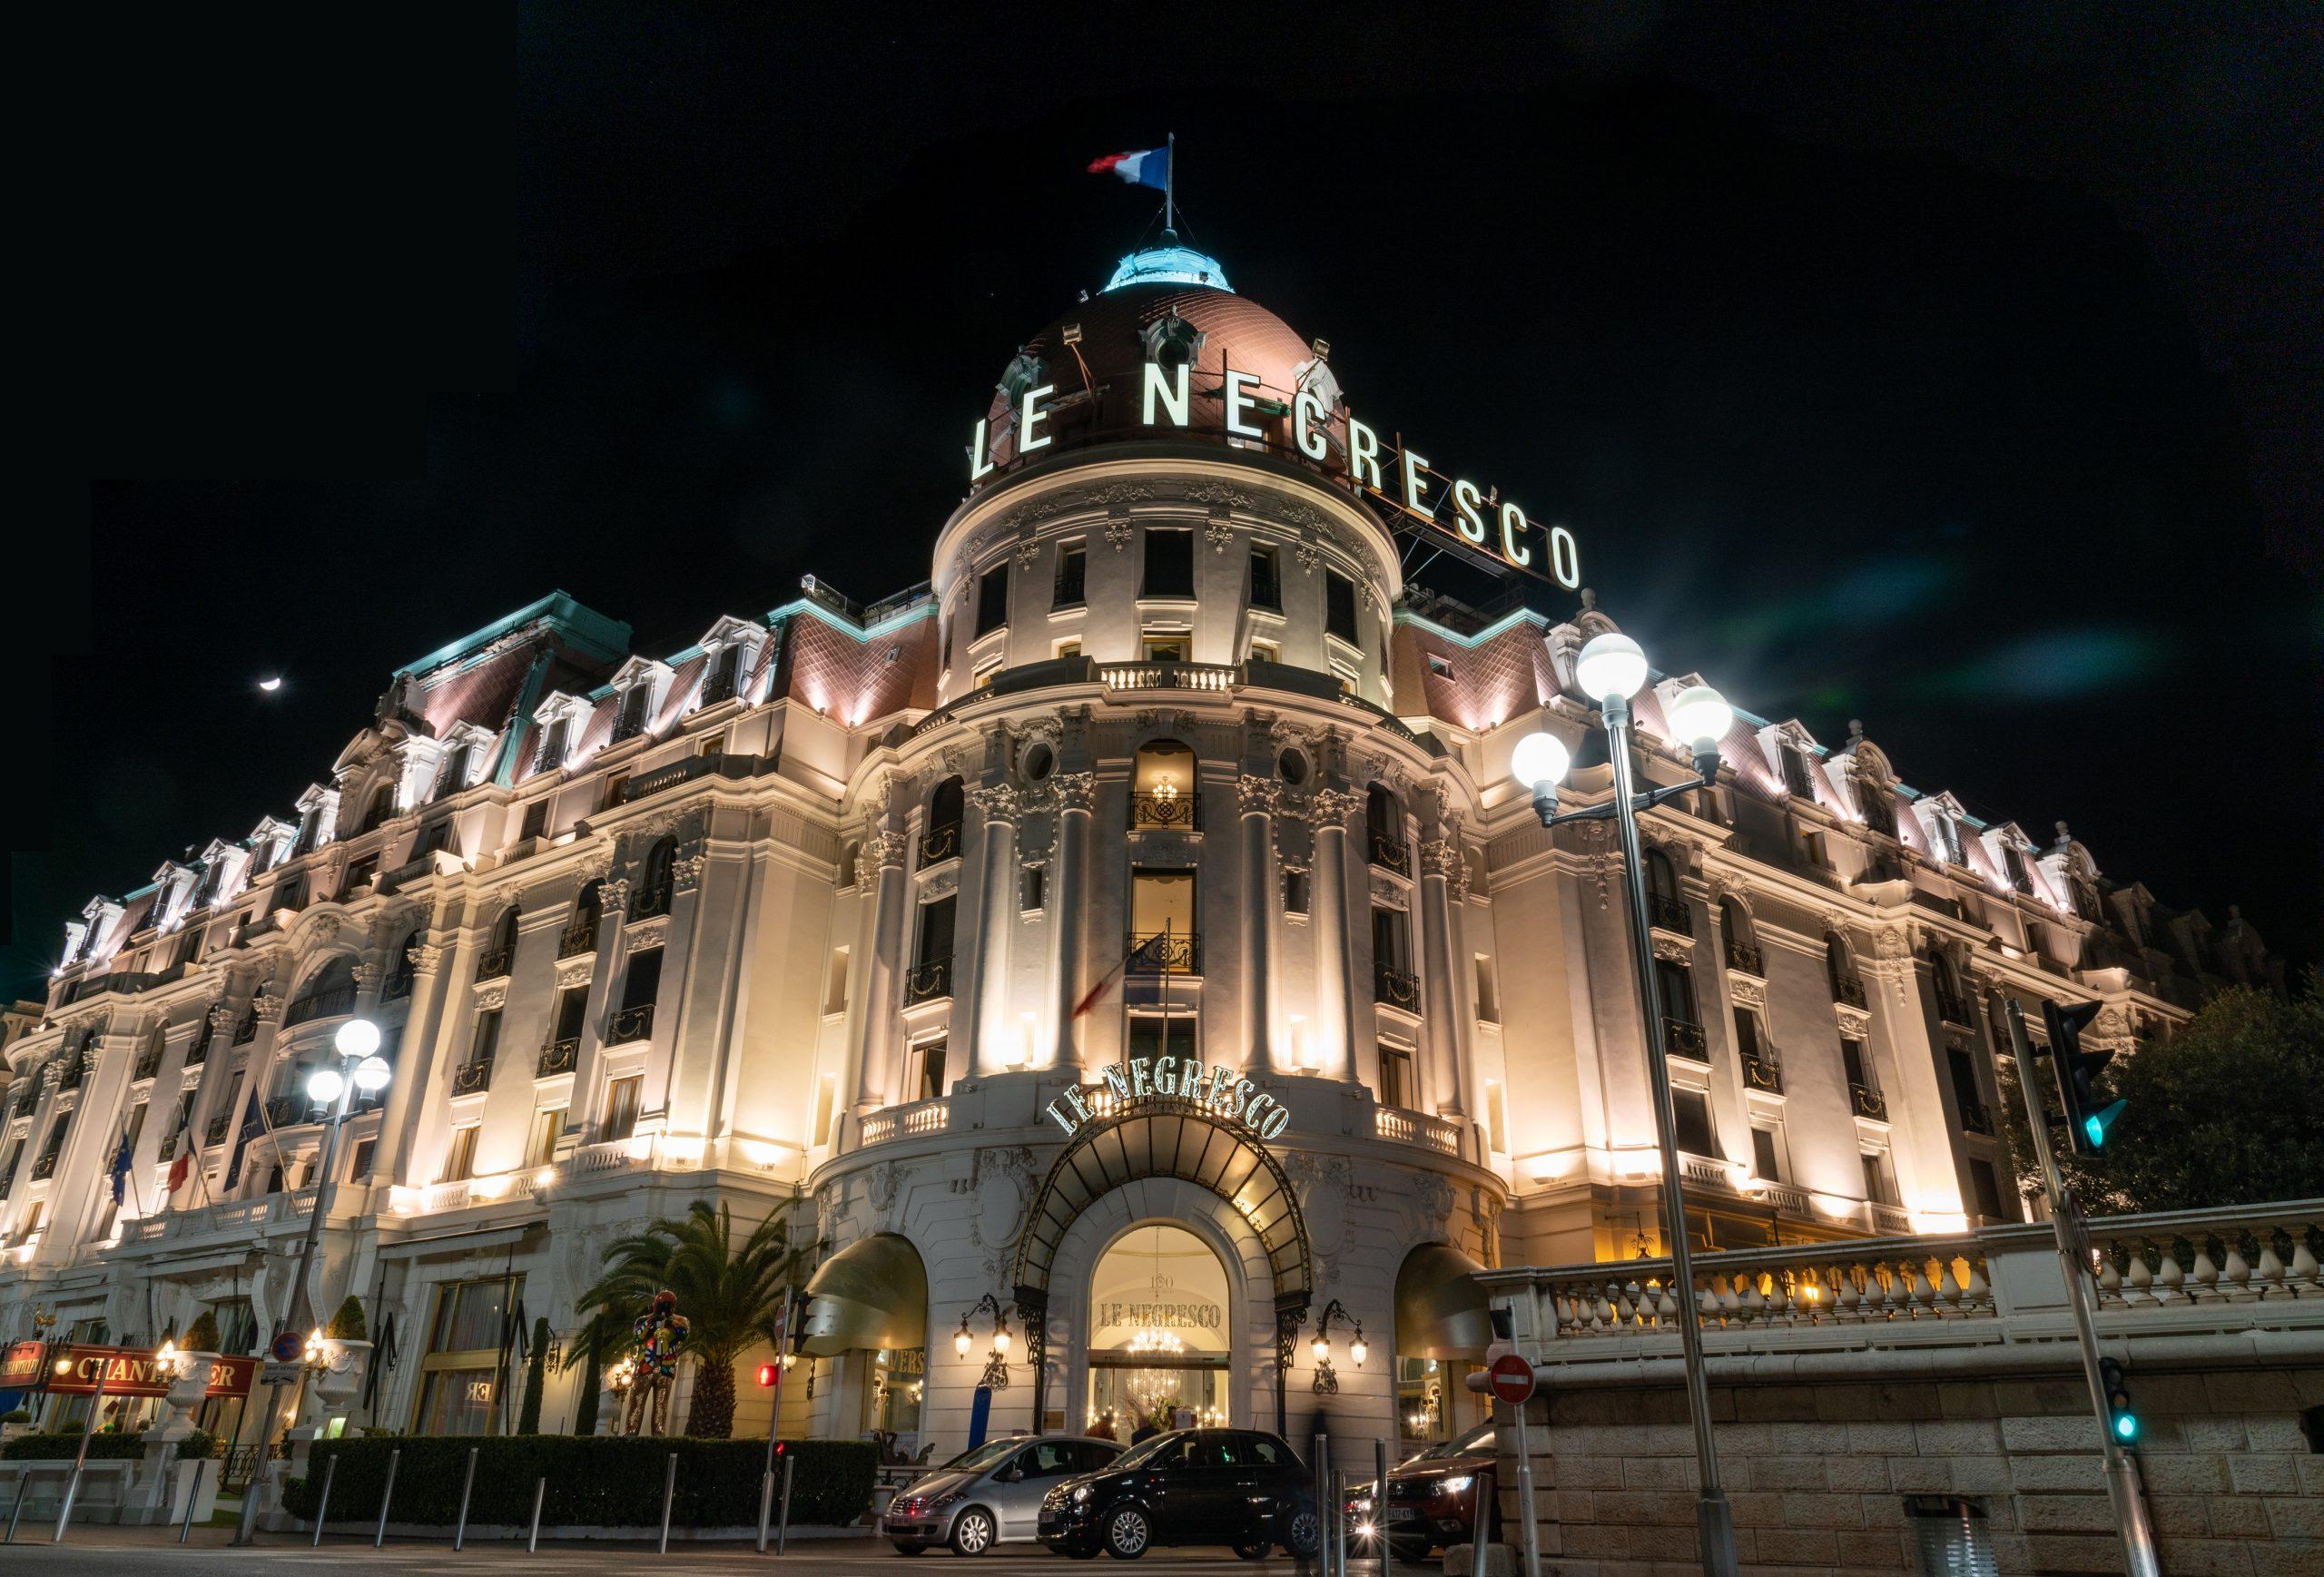 Négresko Nice - Nice Diagnostic Immobilier à Nice et sur la côte d'Azur